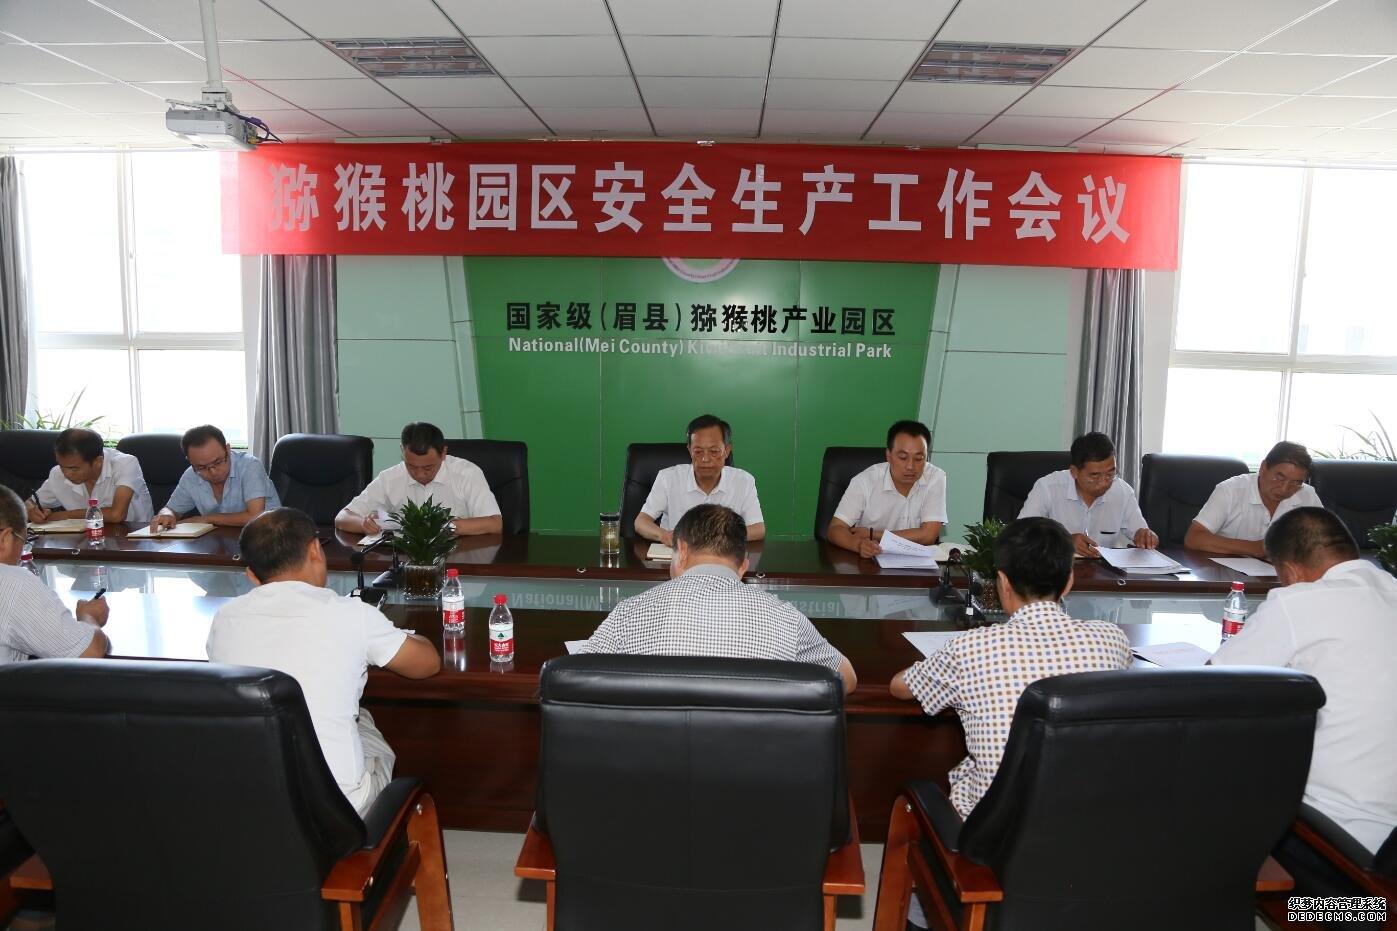 猕猴桃产业园区管委会召开安全生产工作会